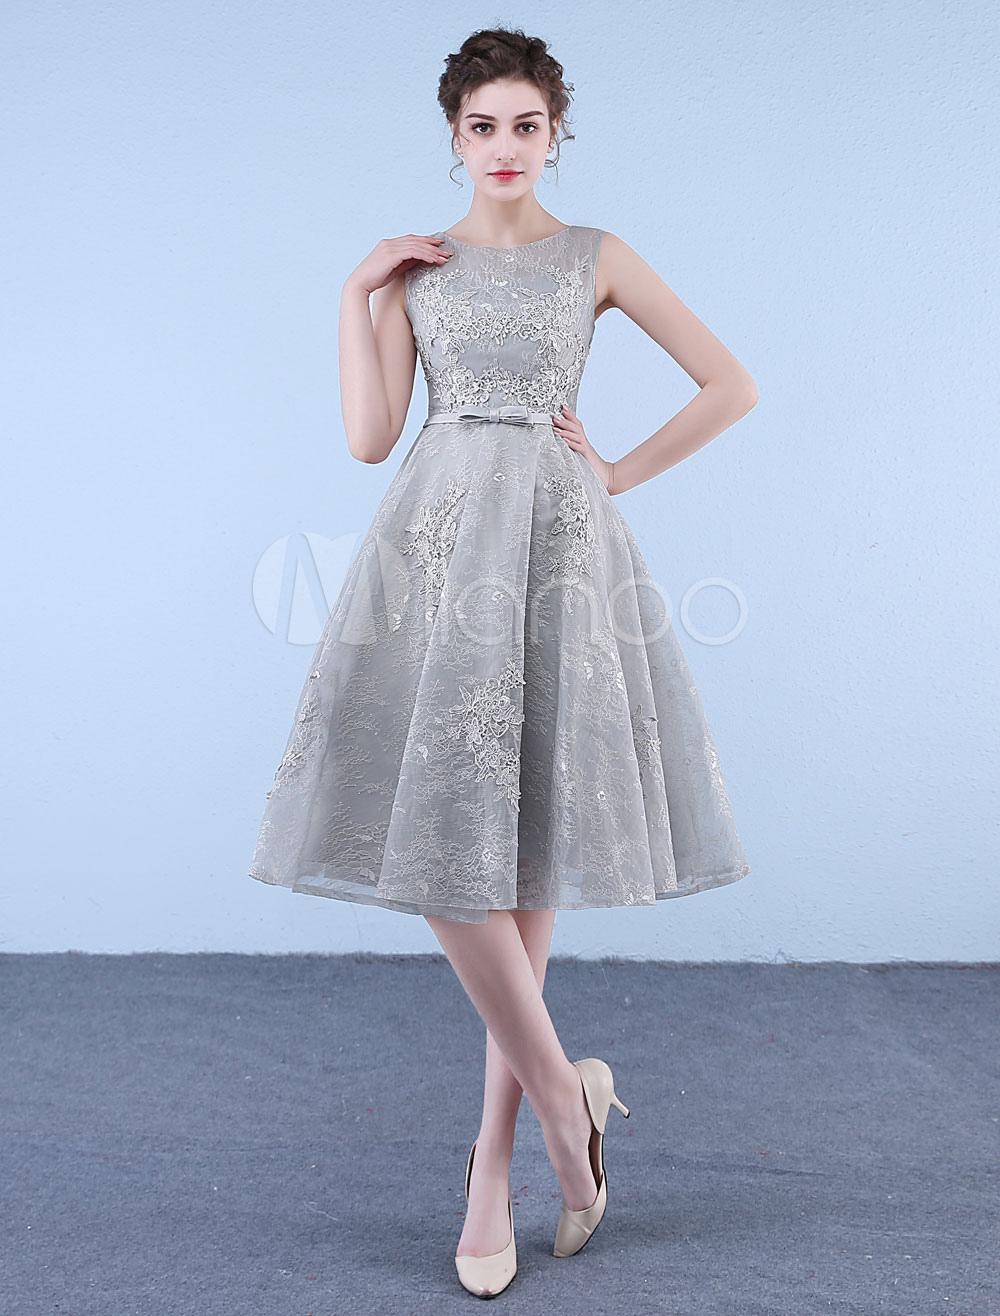 Short Prom Dresses Light Grey Bow Sash Lace Applique A Line Tea Length Cocktail Party Dress